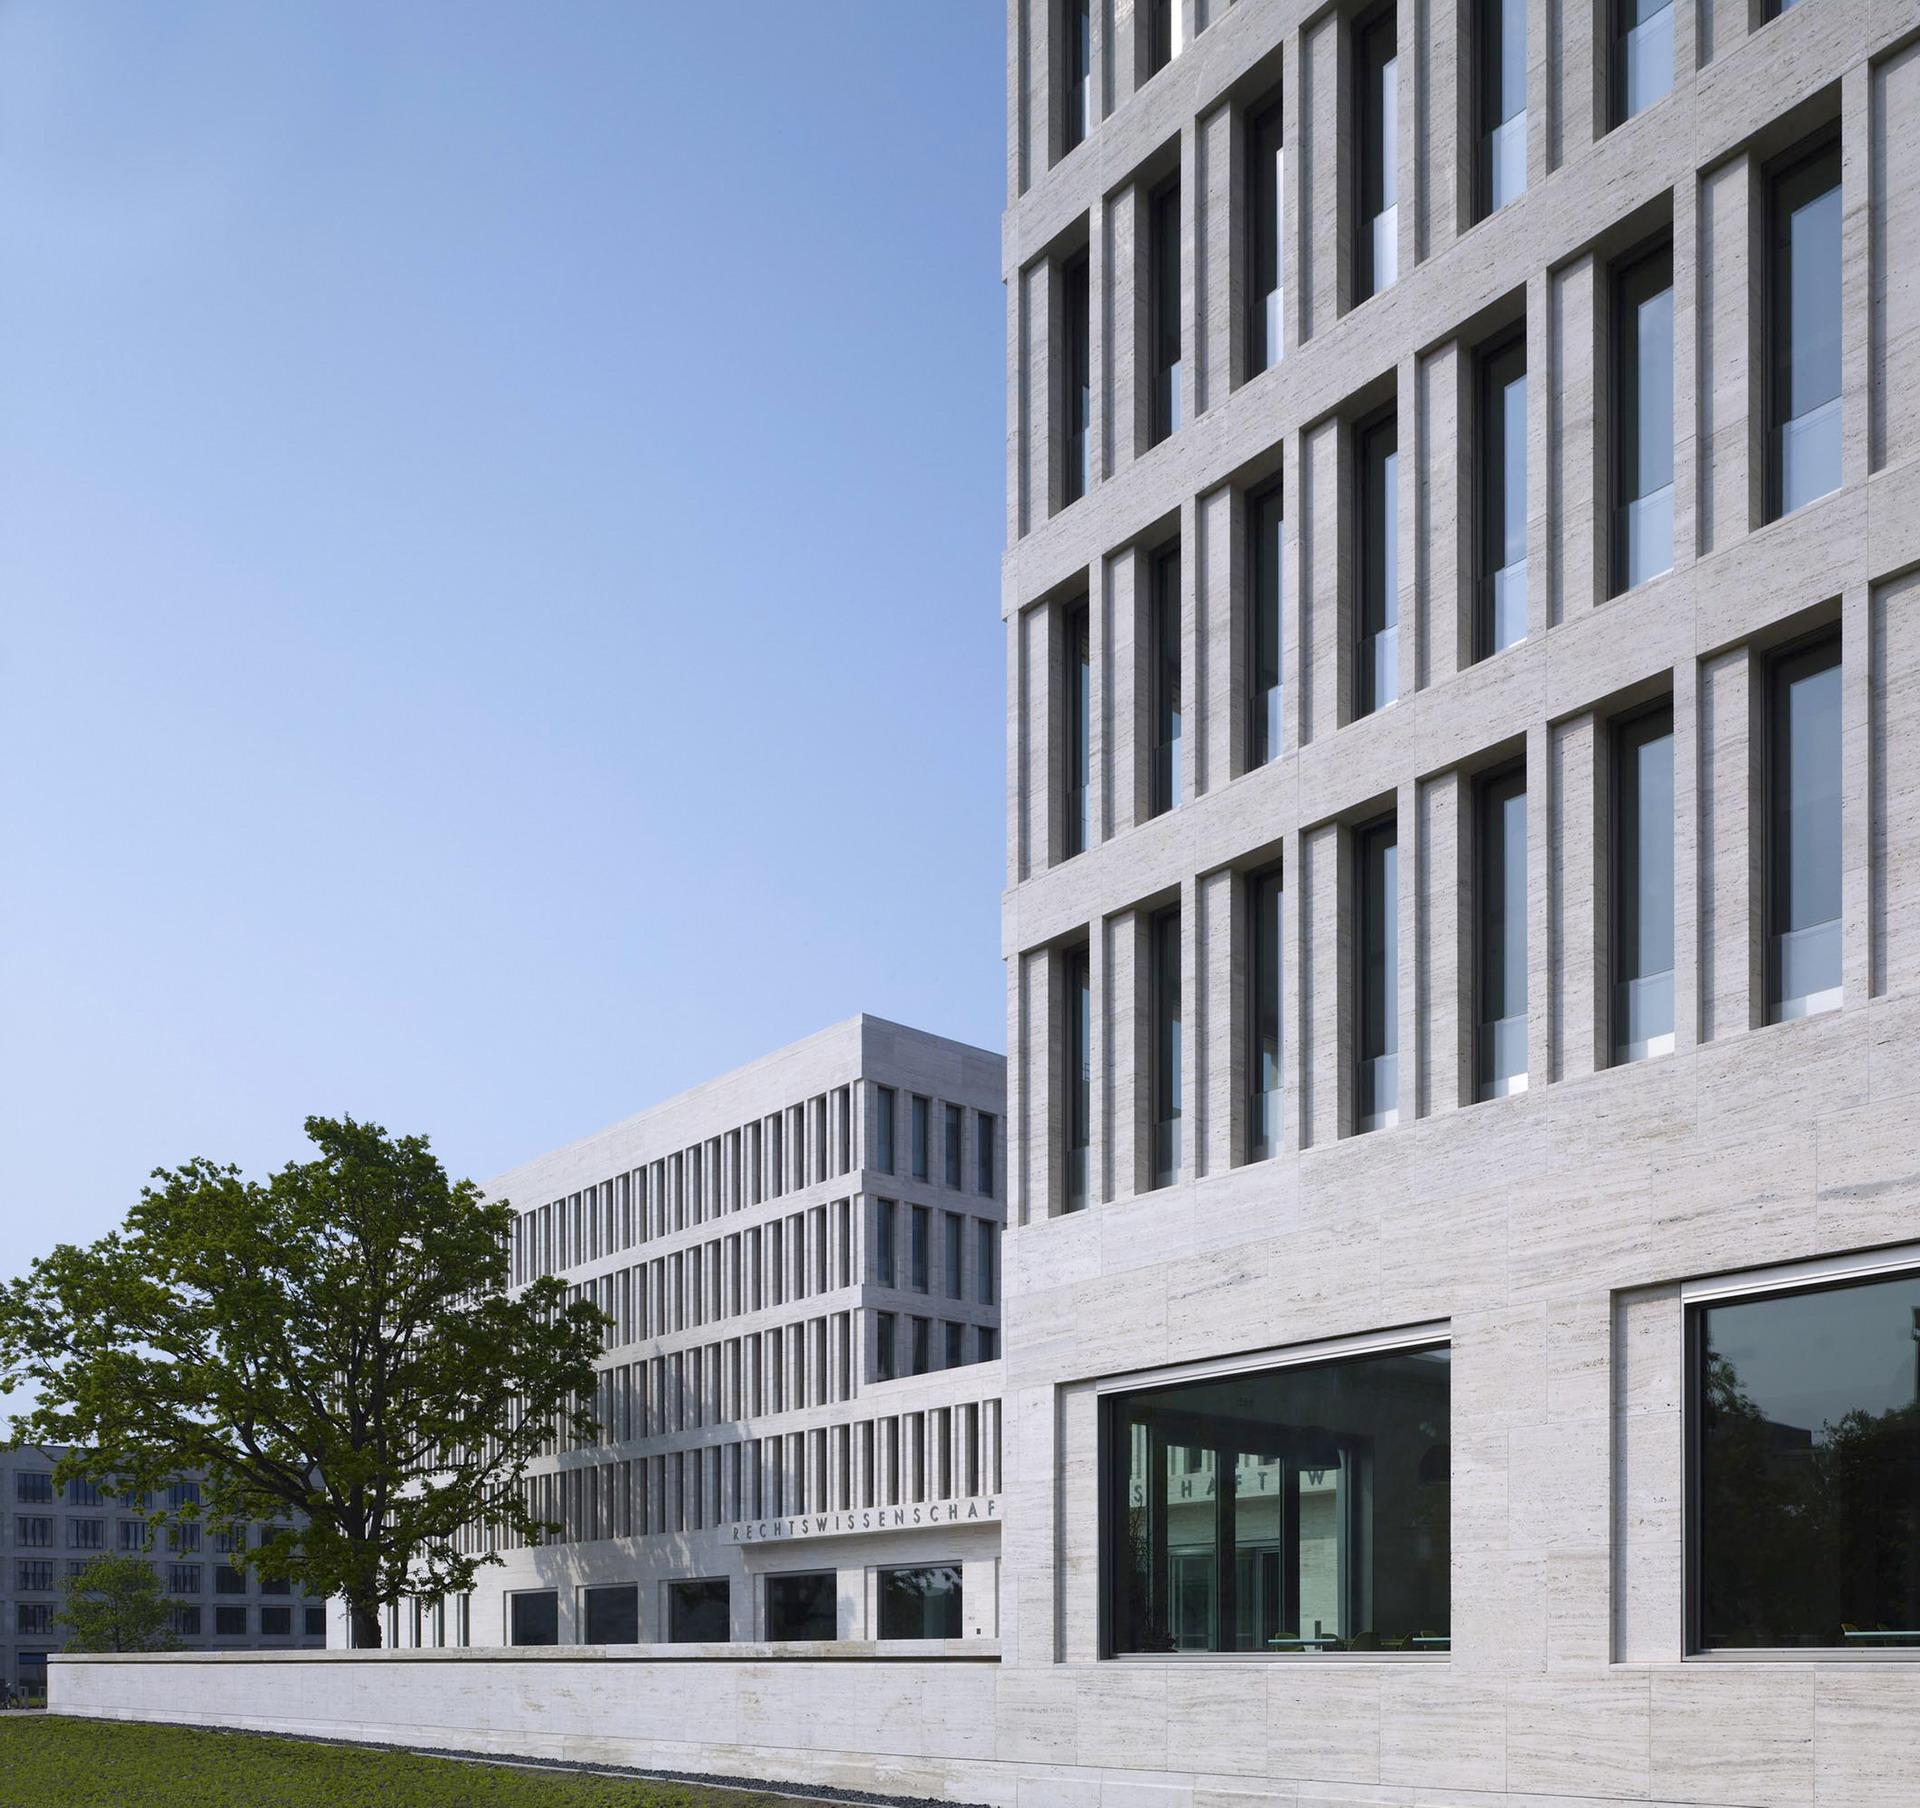 200-ruw-fakultaeten-recht-wirtschaft-campus-i-frankfurt-haupeingang3_ridimensionare